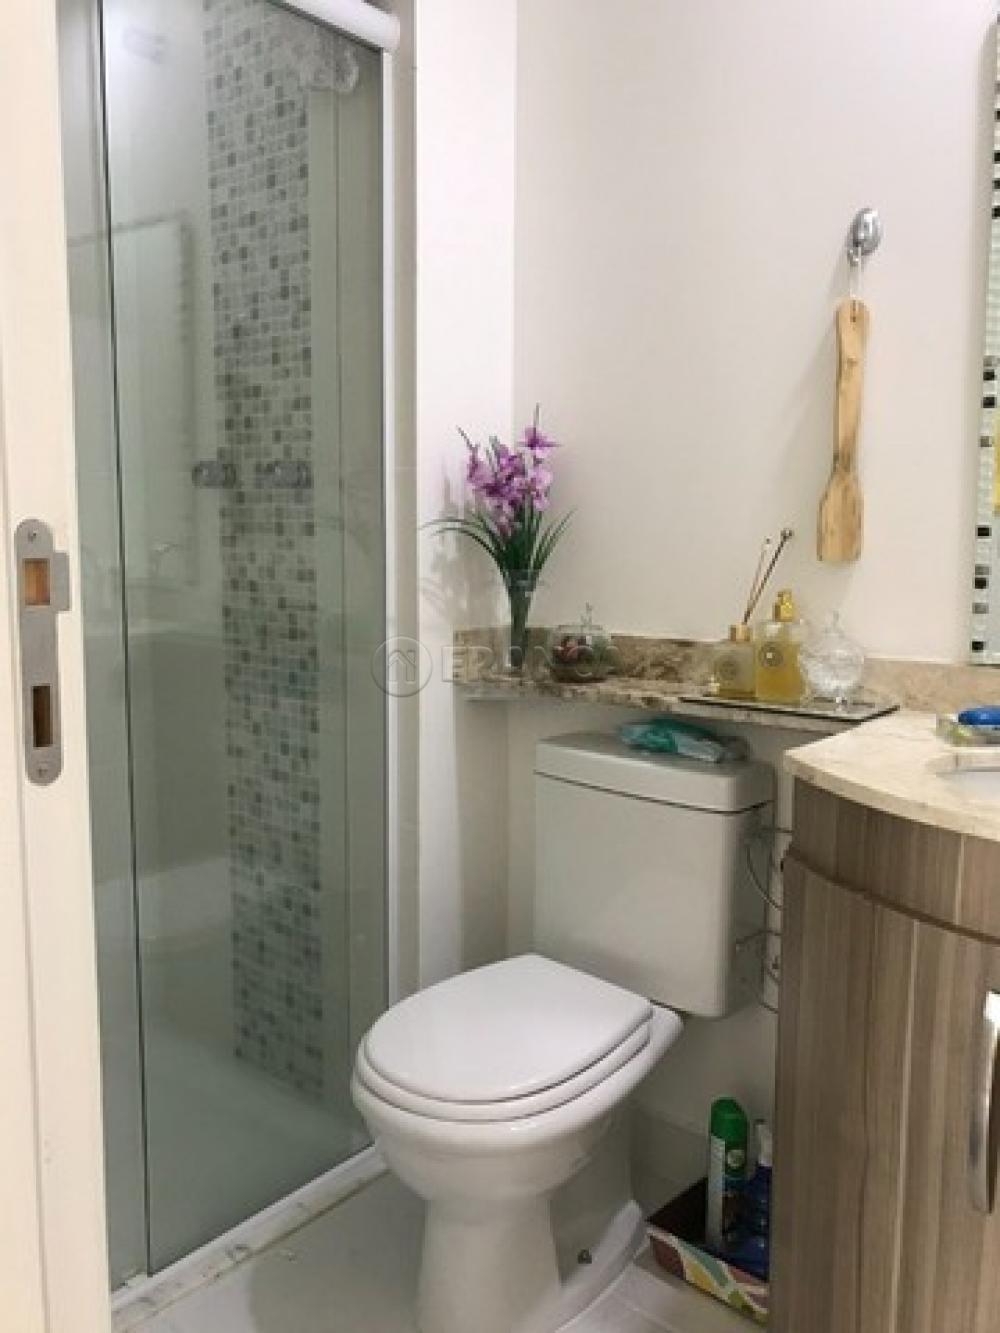 Comprar Apartamento / Padrão em São José dos Campos R$ 395.000,00 - Foto 18